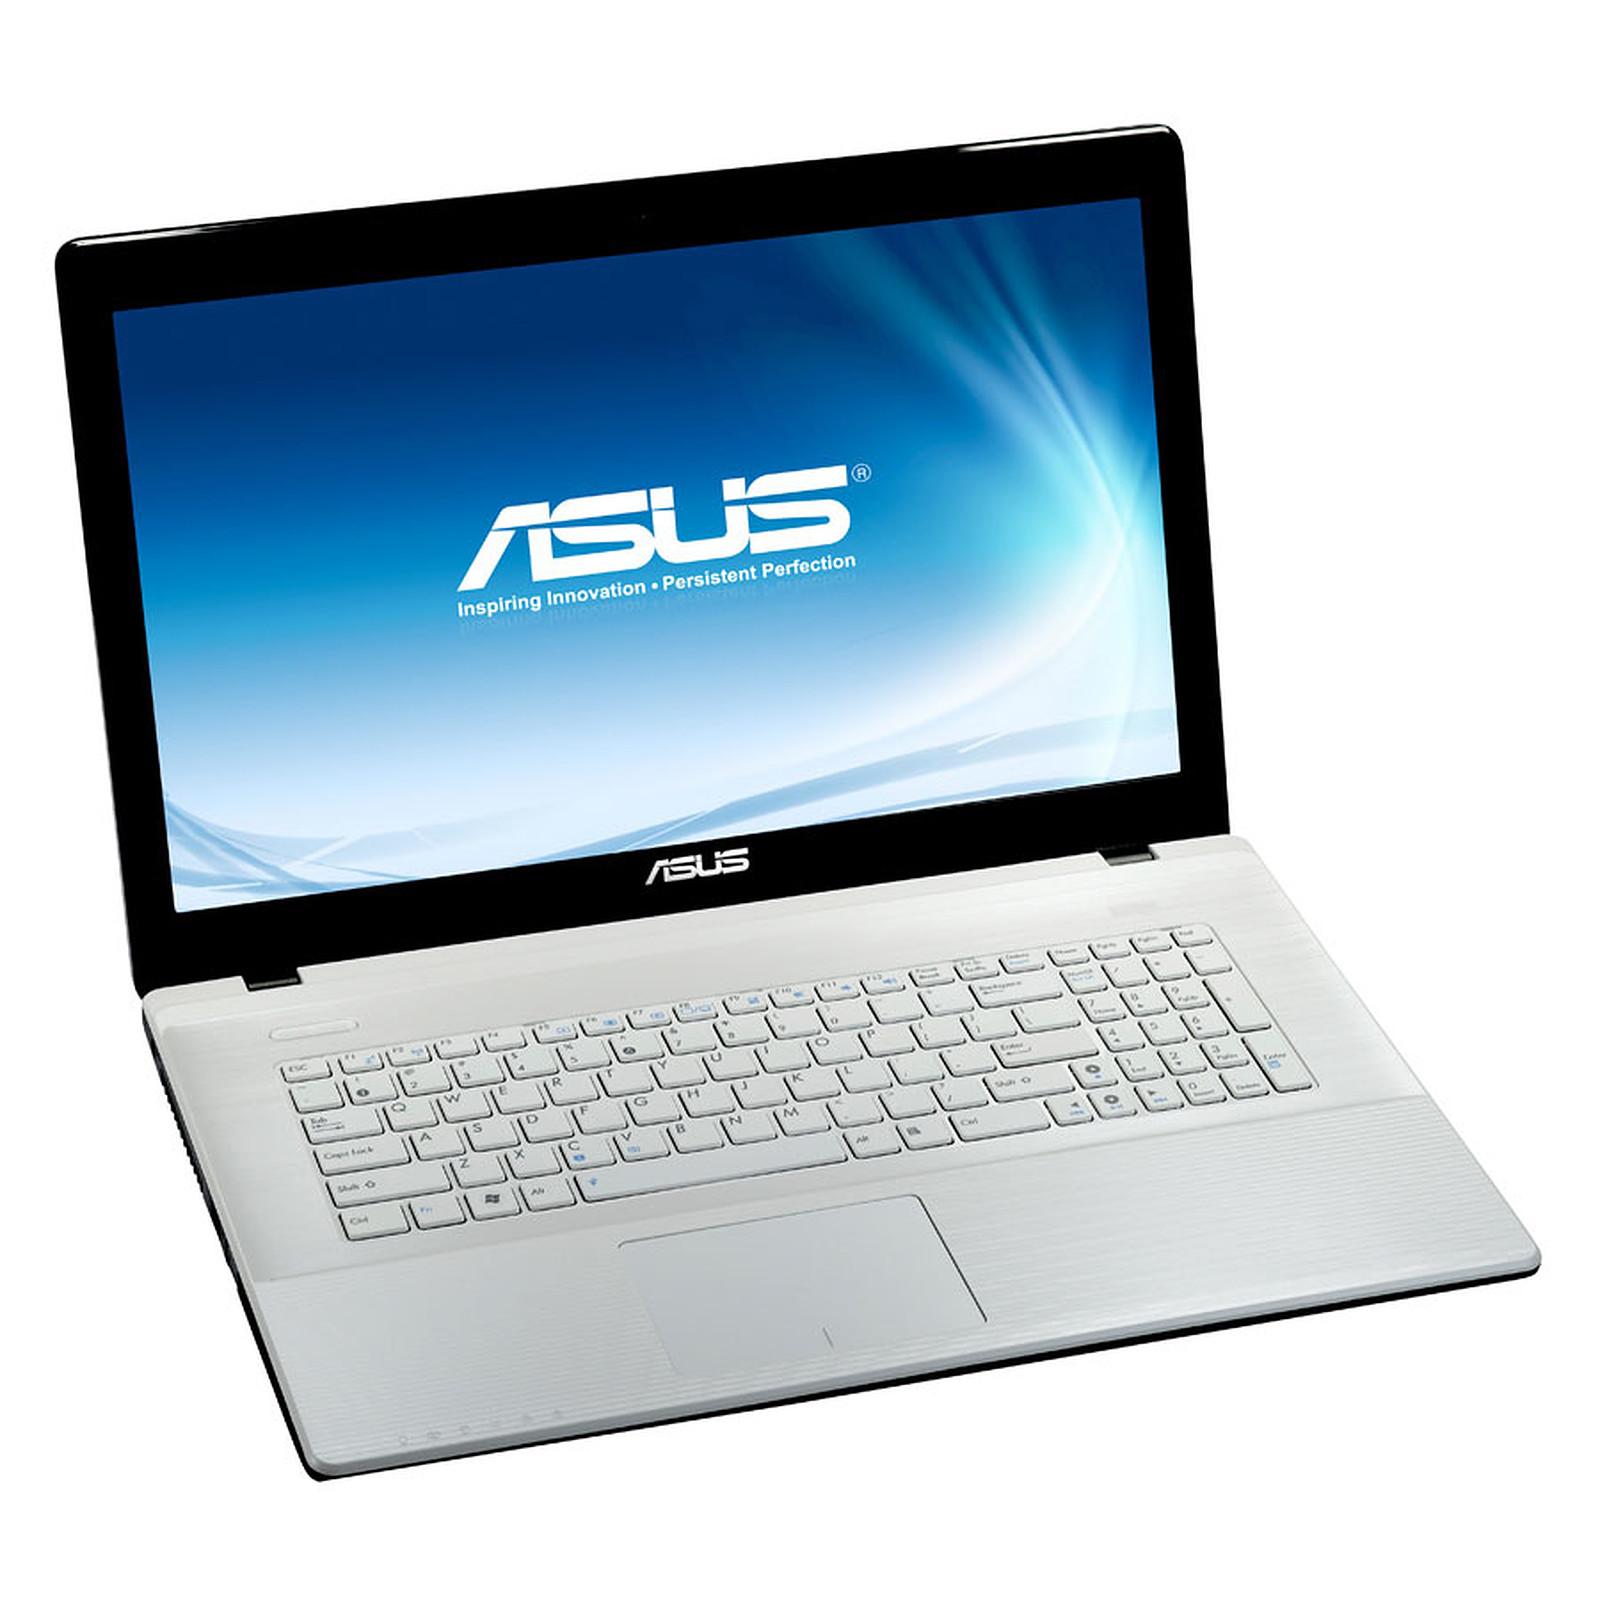 ASUS X75VB-TY053H